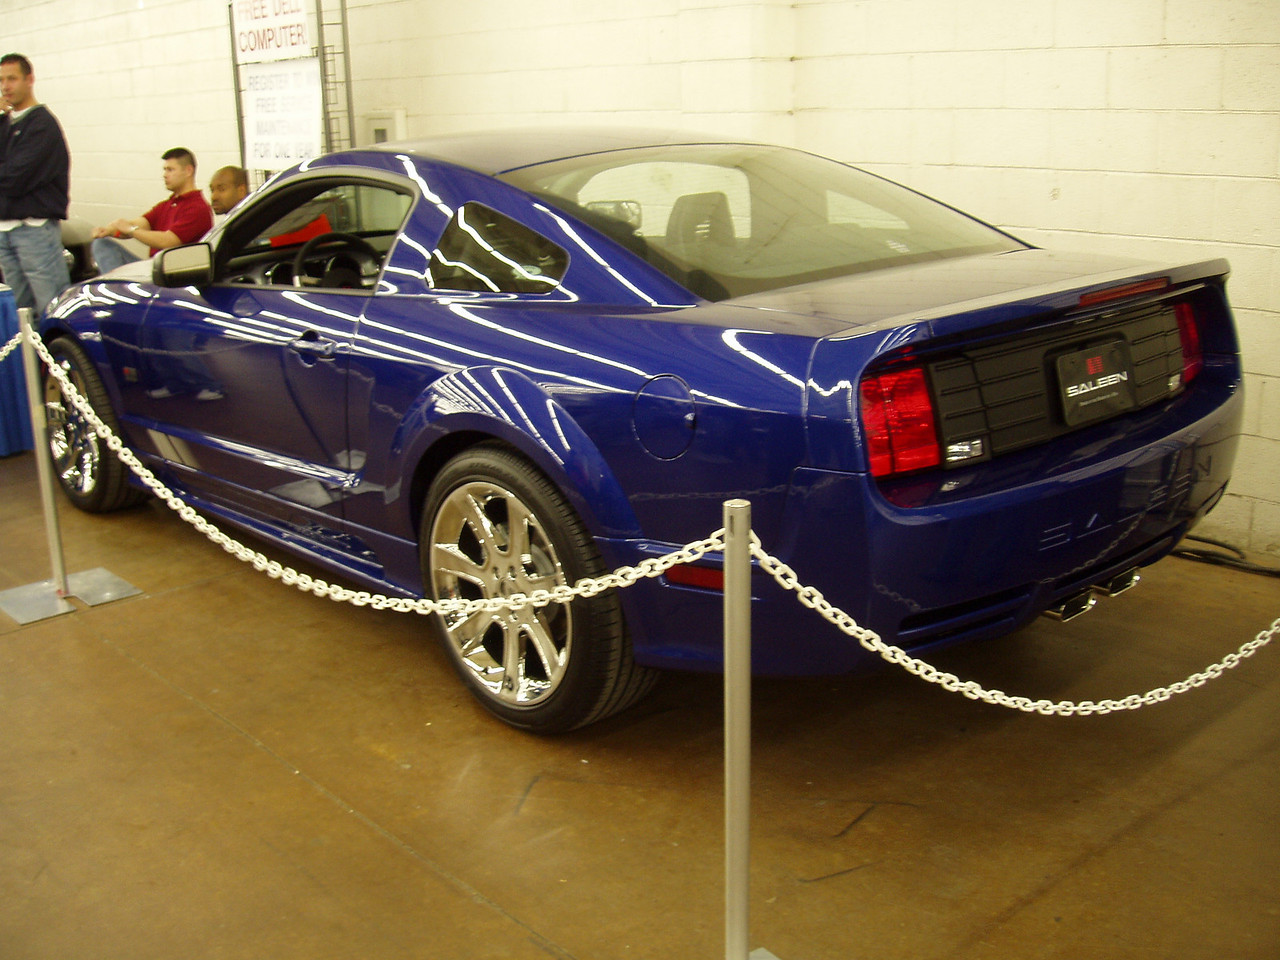 Saleen '05 Mustang